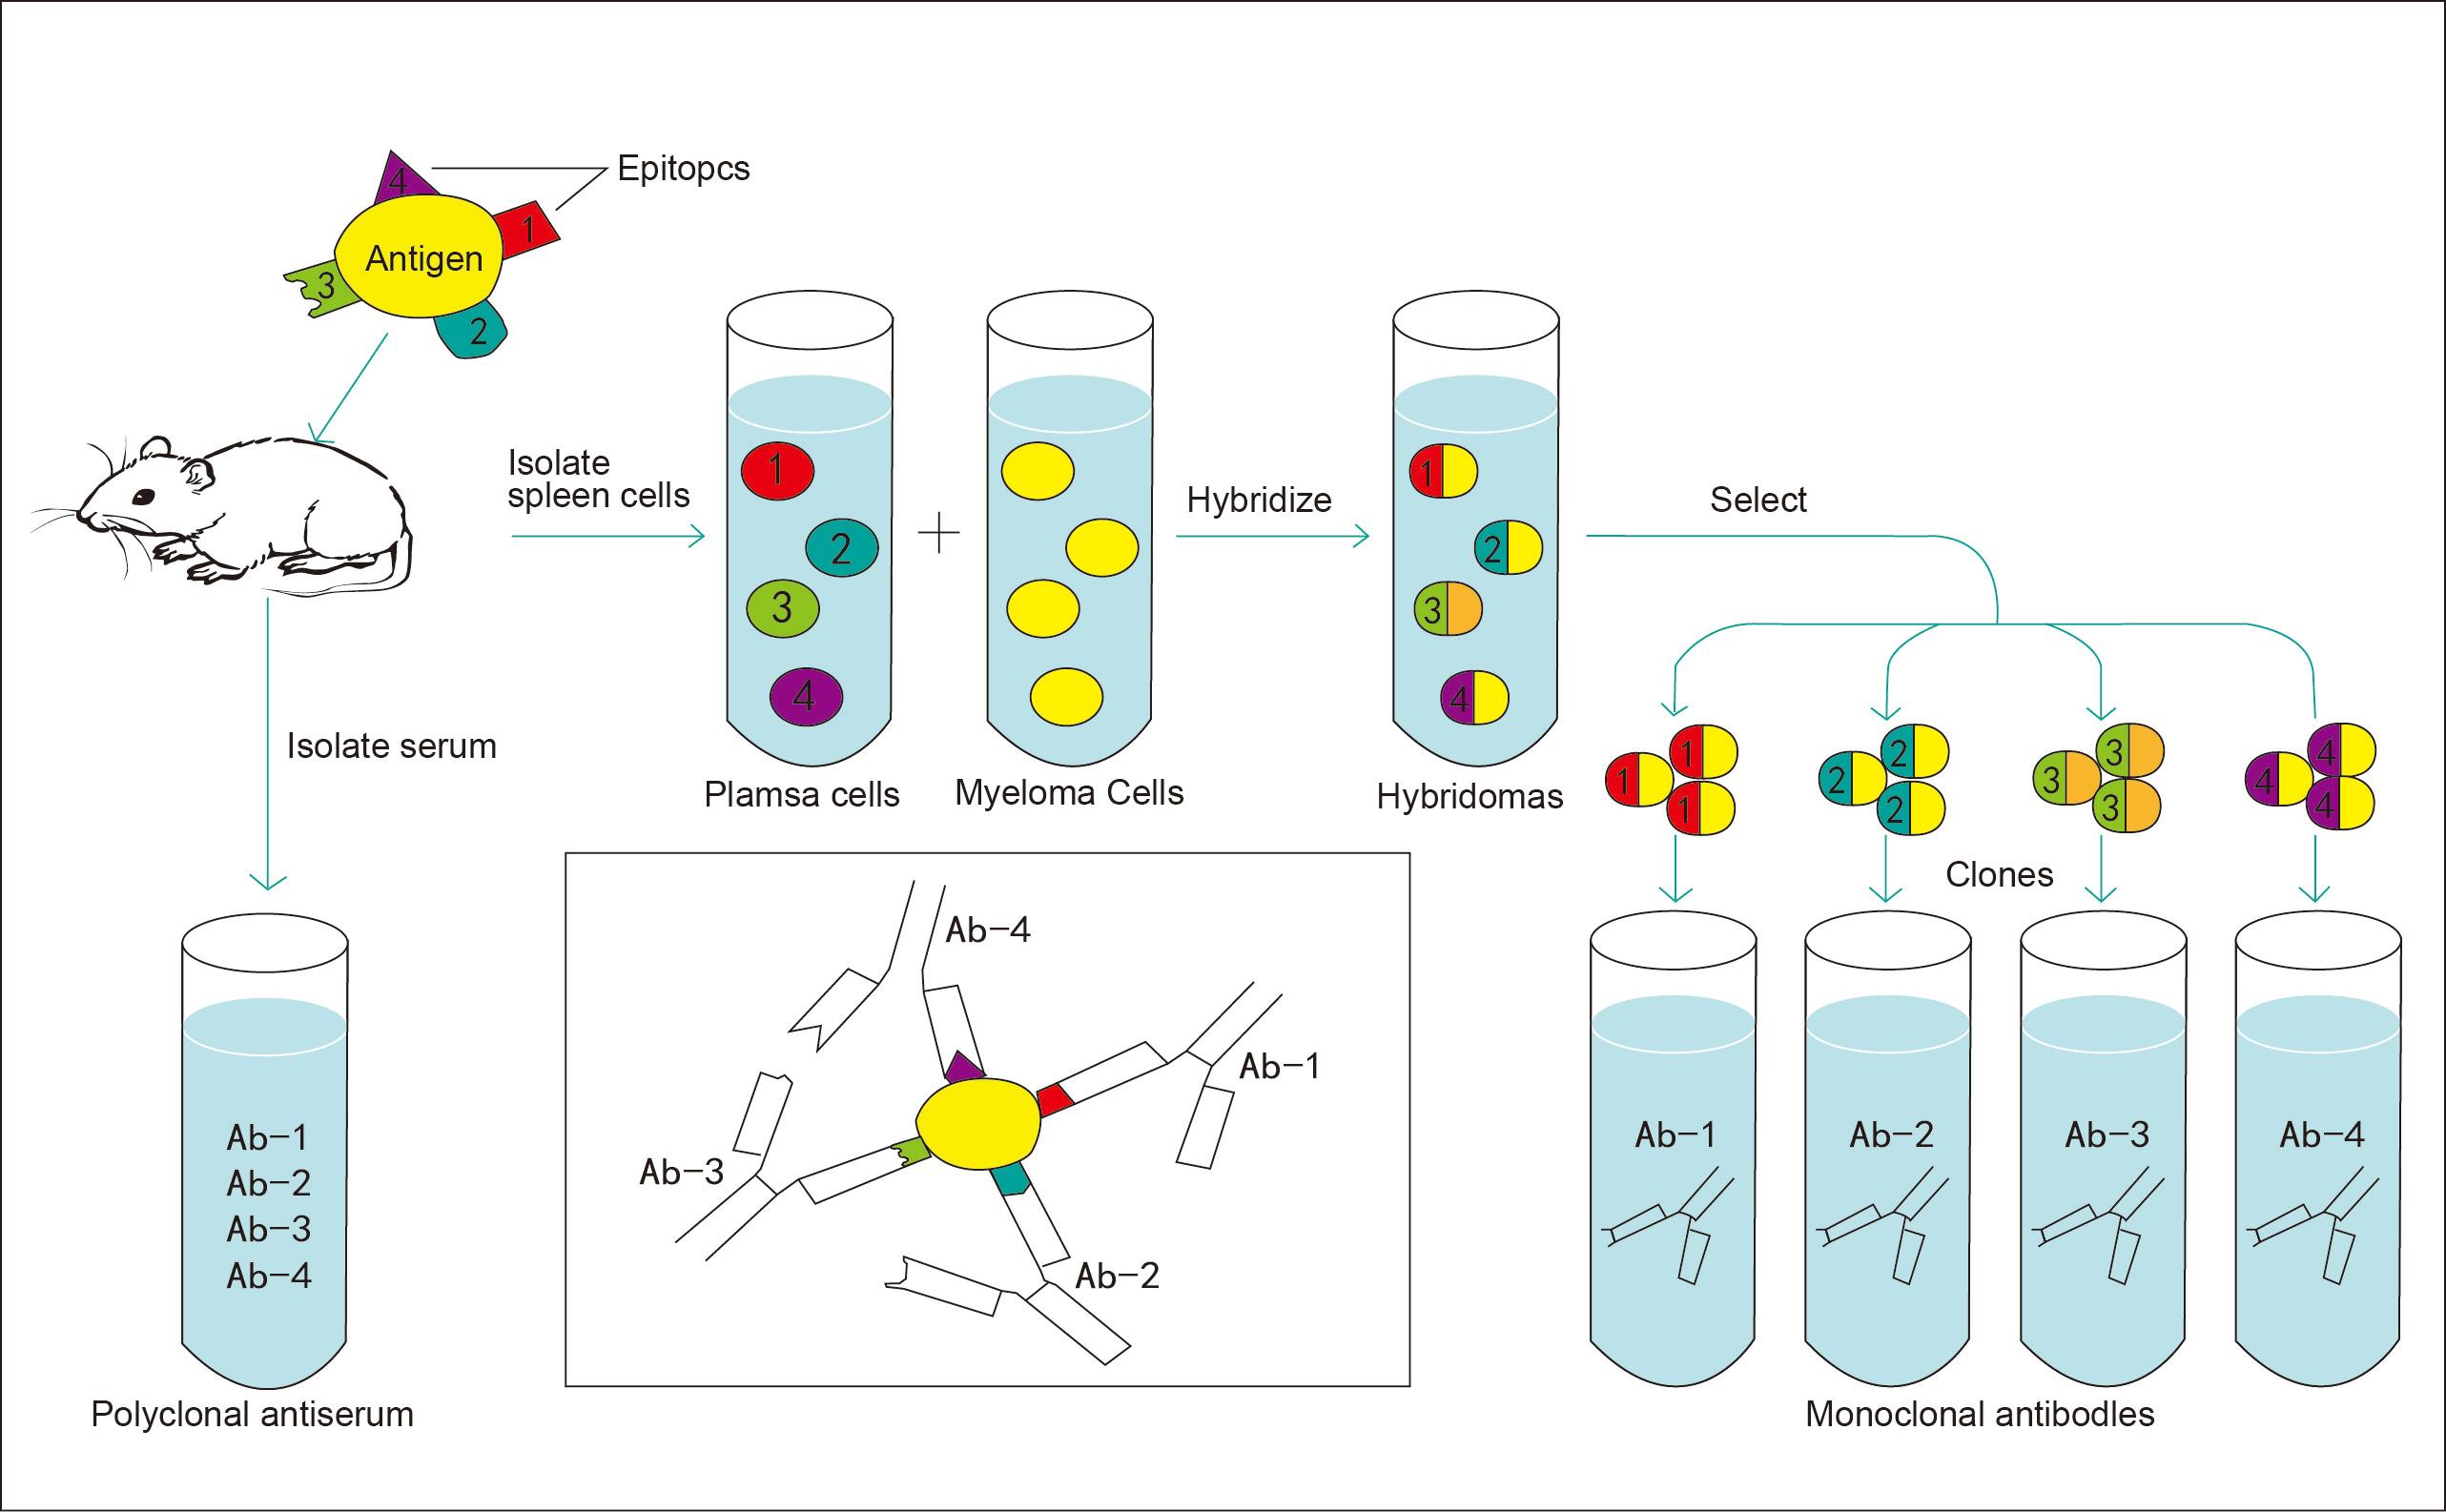 技术服务-单克隆抗体制备 服务编号:SV2000 一、服务内容 本服务项目主要是根据客户的要求免疫Balb/c小鼠,提取B细胞与SP2/0骨髓瘤细胞融合,制备特异性的鼠单克隆抗体。 1、客户可提供抗原制备鼠源单克隆抗体,抗原可包含:天然蛋白、重组蛋白、细胞或细胞提取液、病毒或病原体、菌种或菌体蛋白、小分子多肽、化合物;其中小分子多肽和化合物等半抗原免疫前需偶联载体蛋白。 2、客户可提供蛋白名称、GeneID、核酸序列、氨基酸序列等信息,我公司根据客户的实验需求设计抗原、合成多肽抗原或表达蛋白抗原,免疫动物